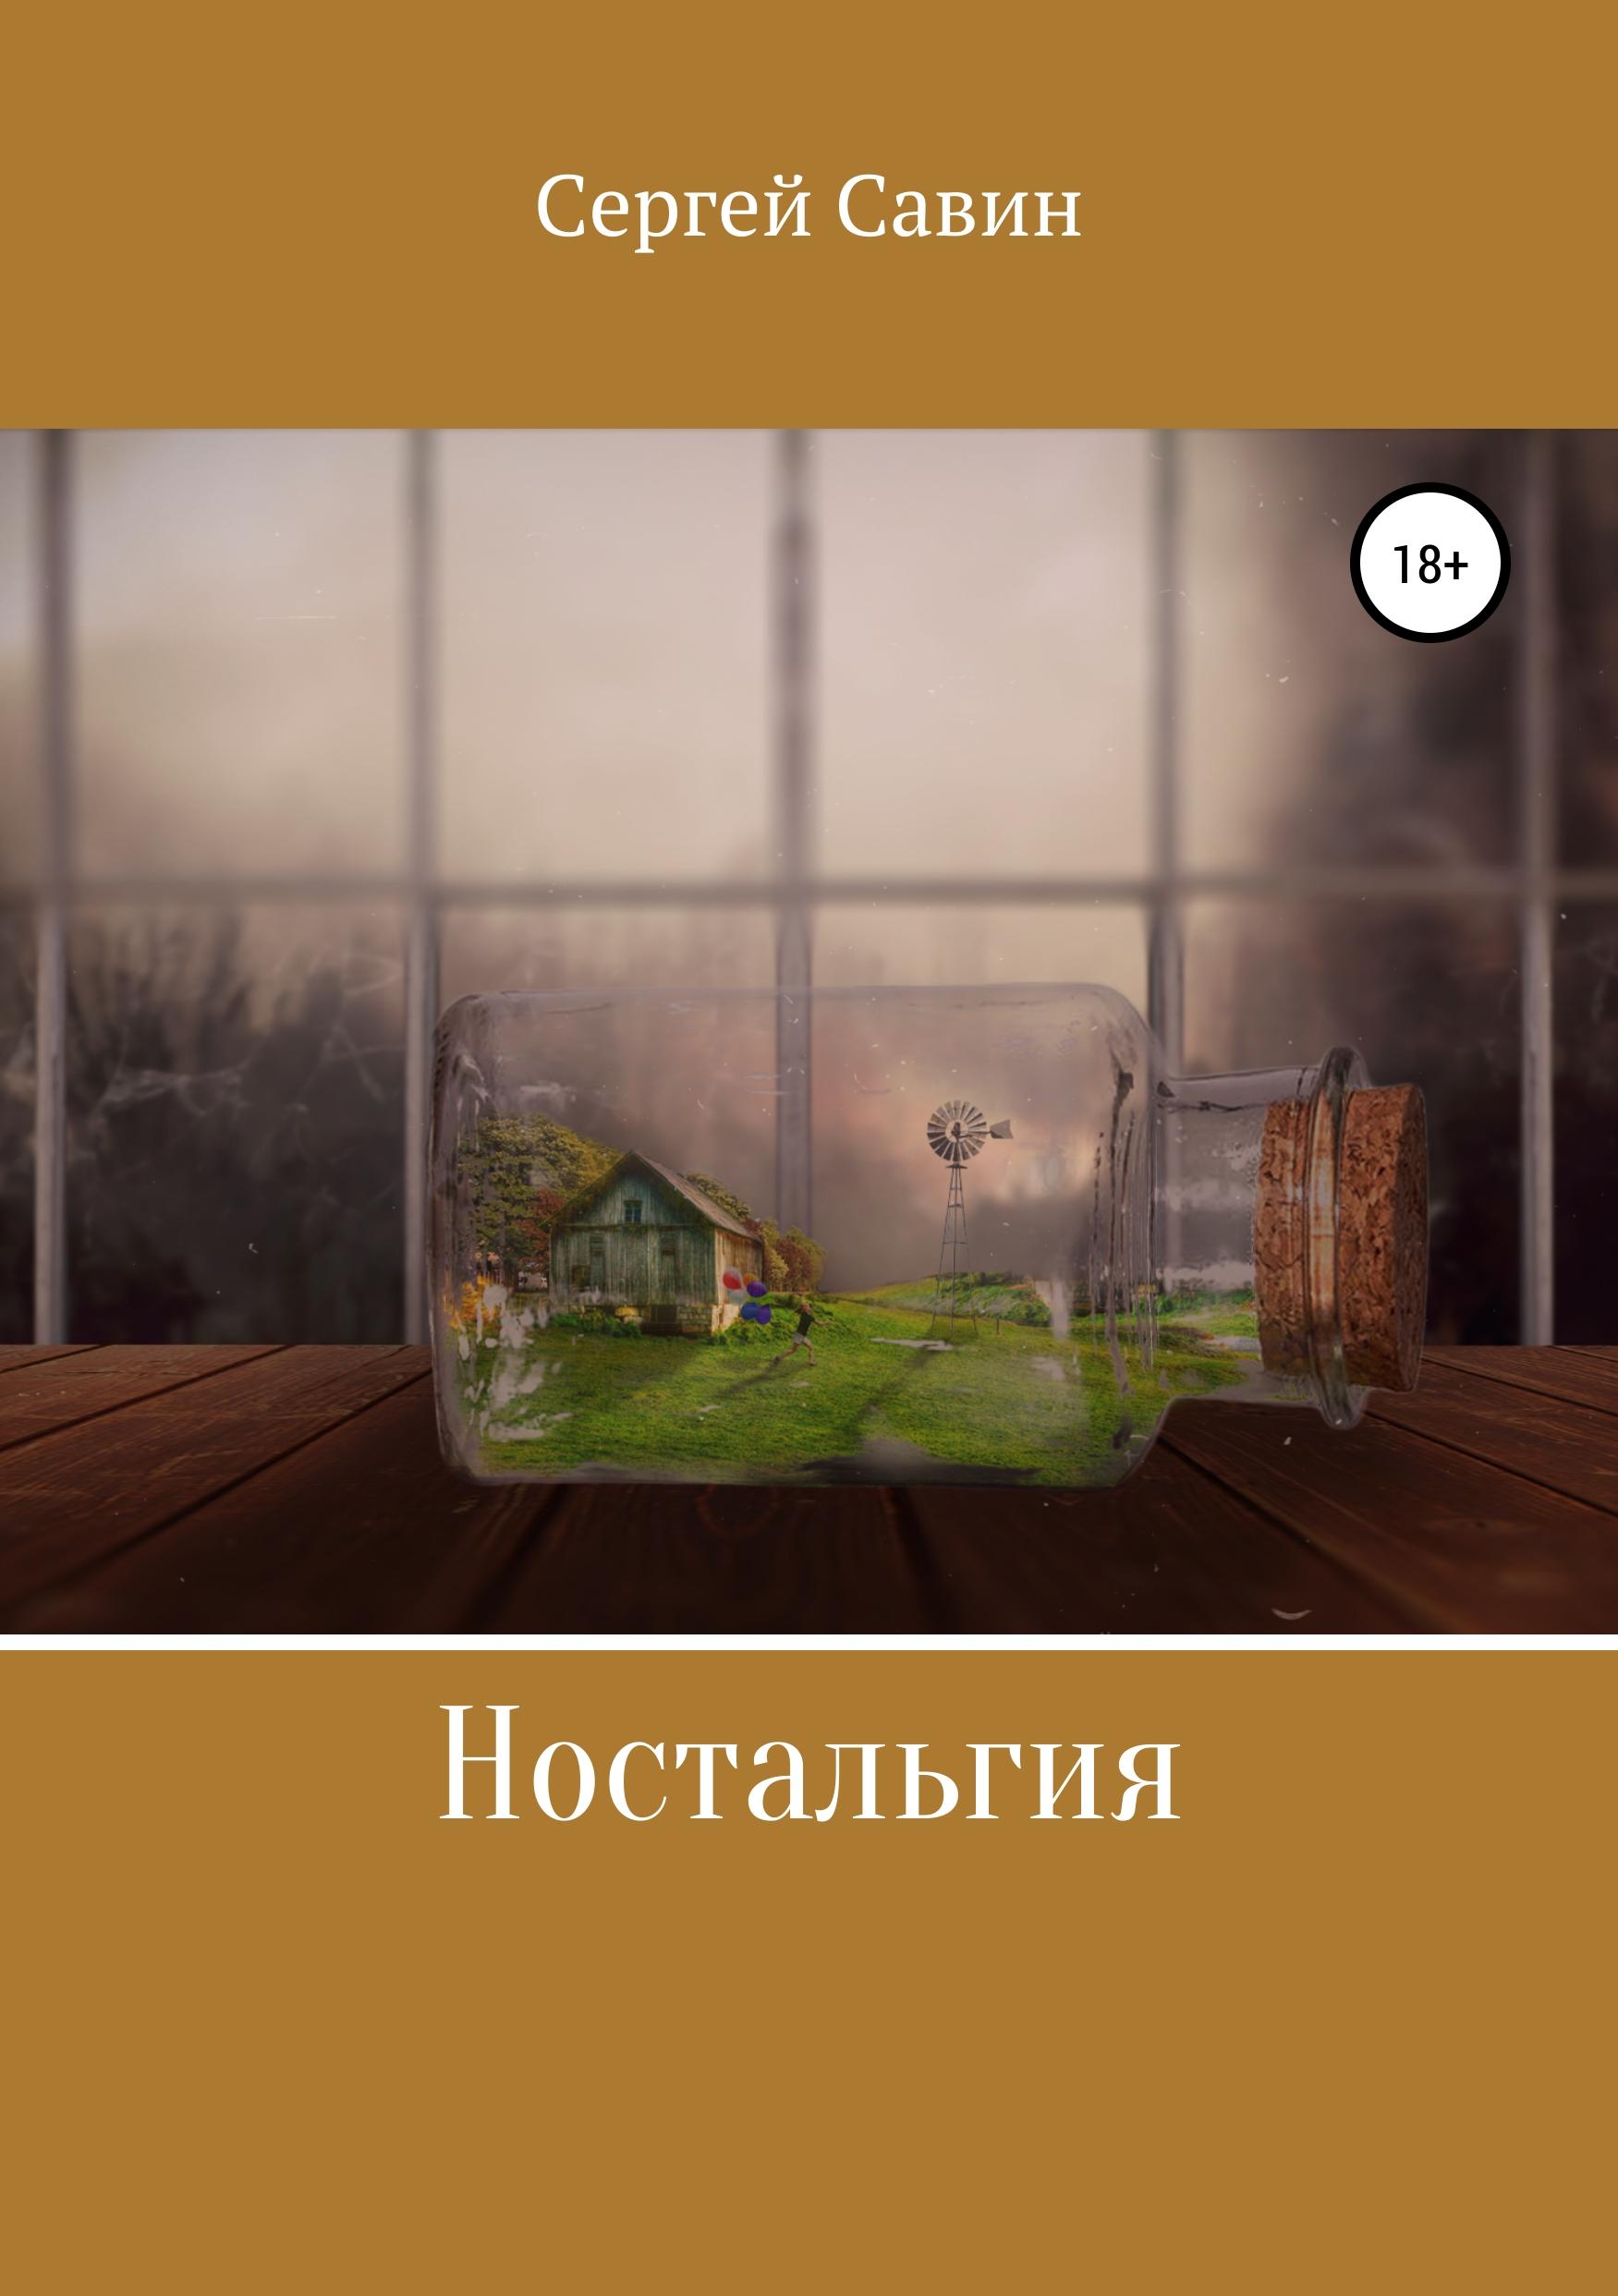 Сергей Савин Ностальгия сергей савин ностальгия